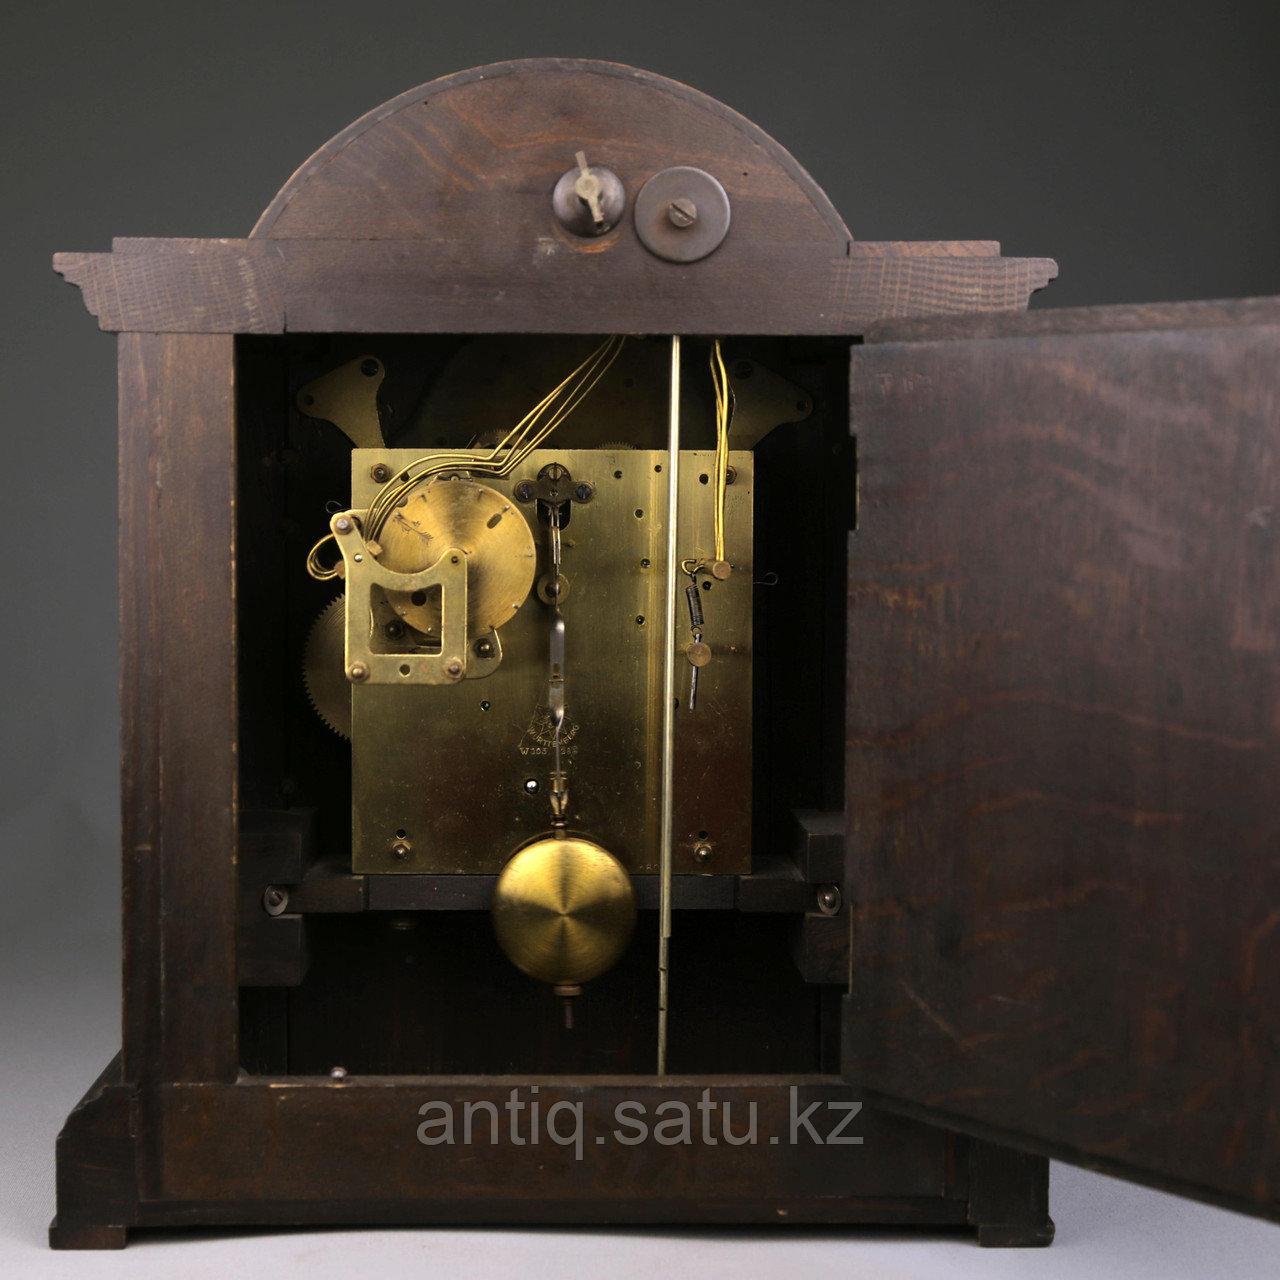 Настольные голландские часы с лунным календарем. Часовая мастерская Junghans. - фото 6